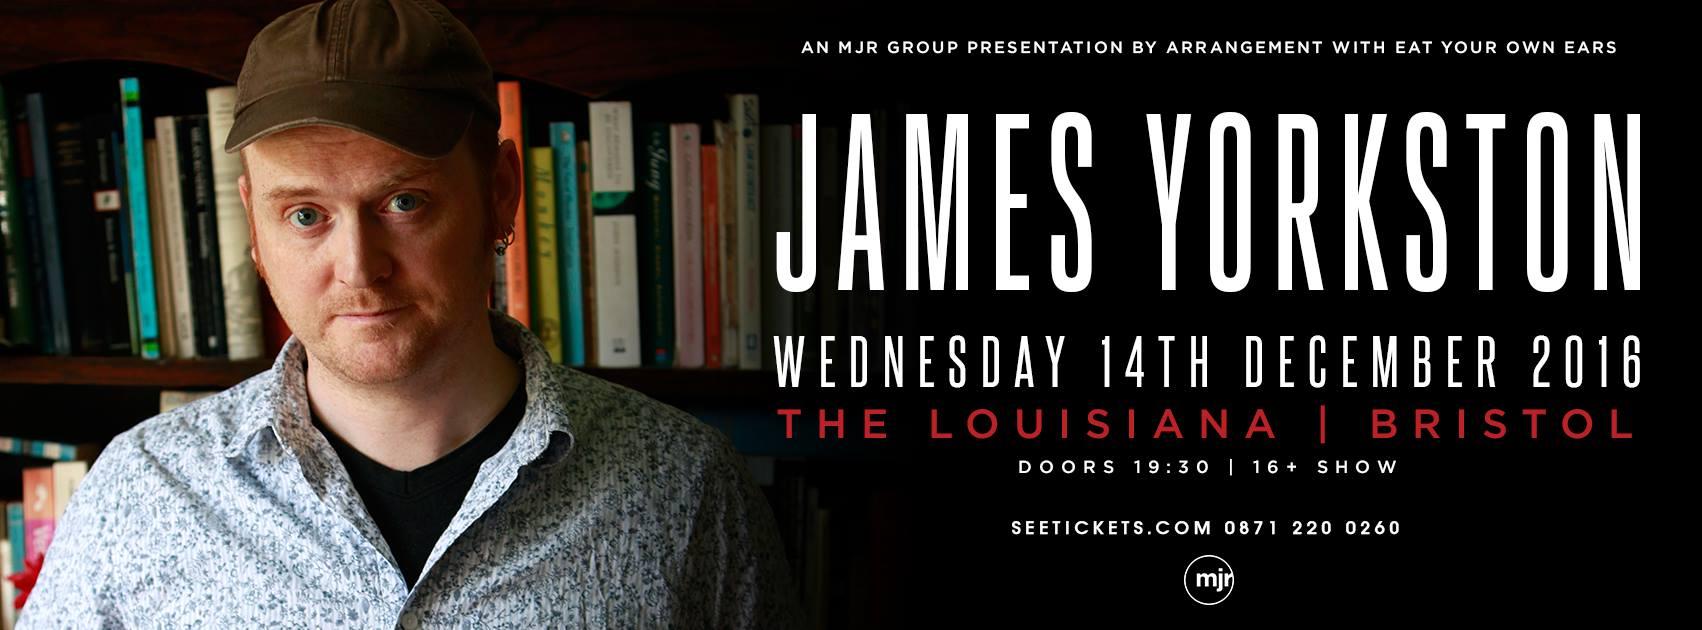 James Yorkston